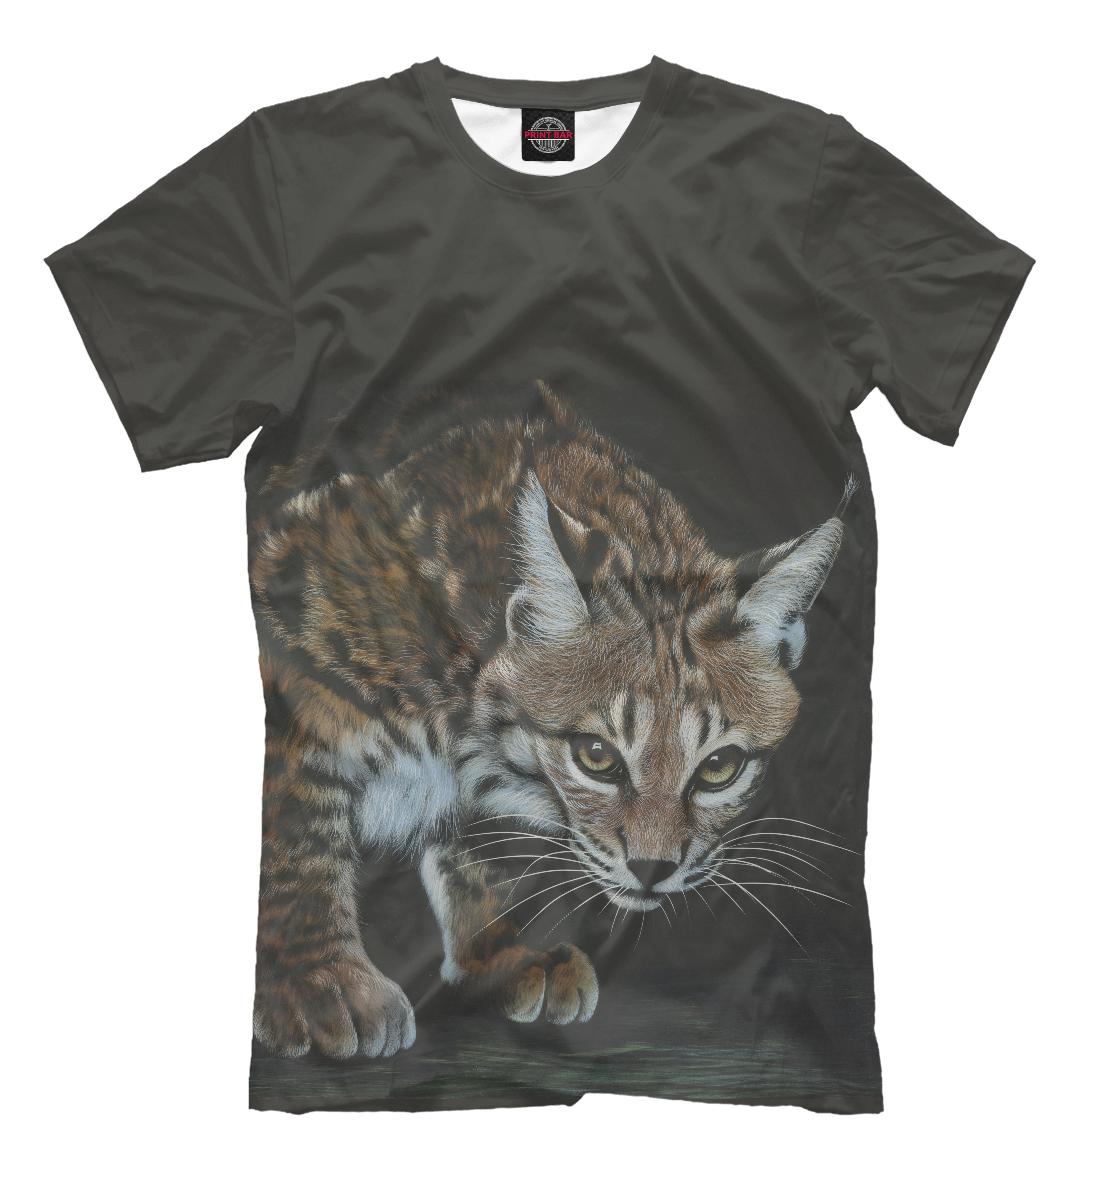 Купить Хищные кошки, Printbar, Футболки, HIS-341217-fut-2